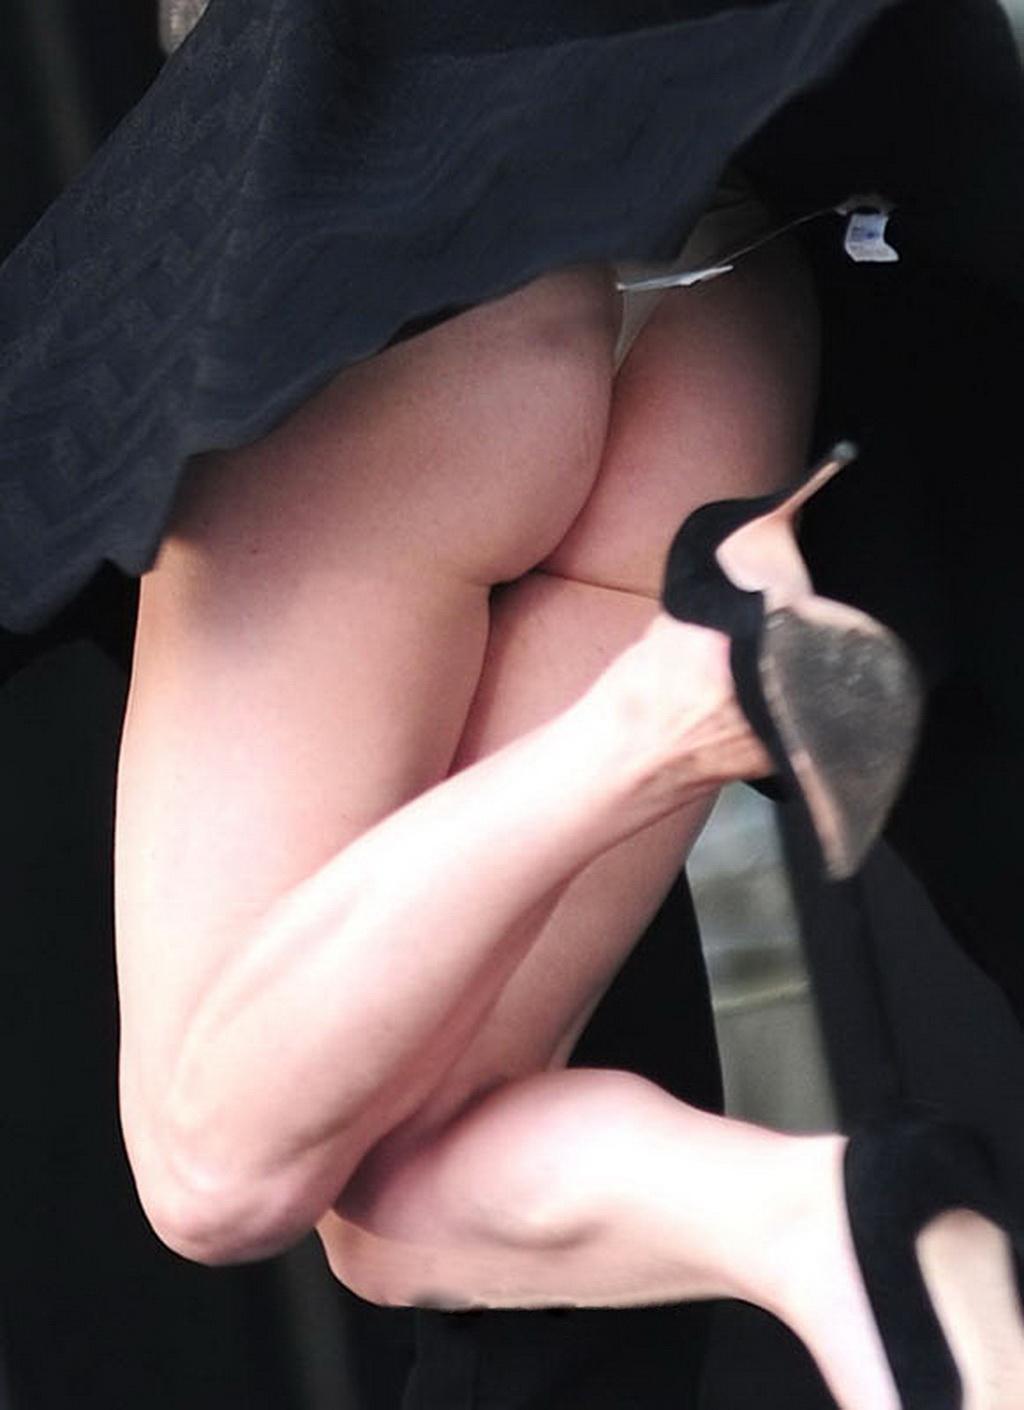 http://3.bp.blogspot.com/-5FN7rmrSSw8/T60r-EDMq5I/AAAAAAAAdxo/ekJI_0h2Dg8/s1600/milla_jovovich_15.jpg